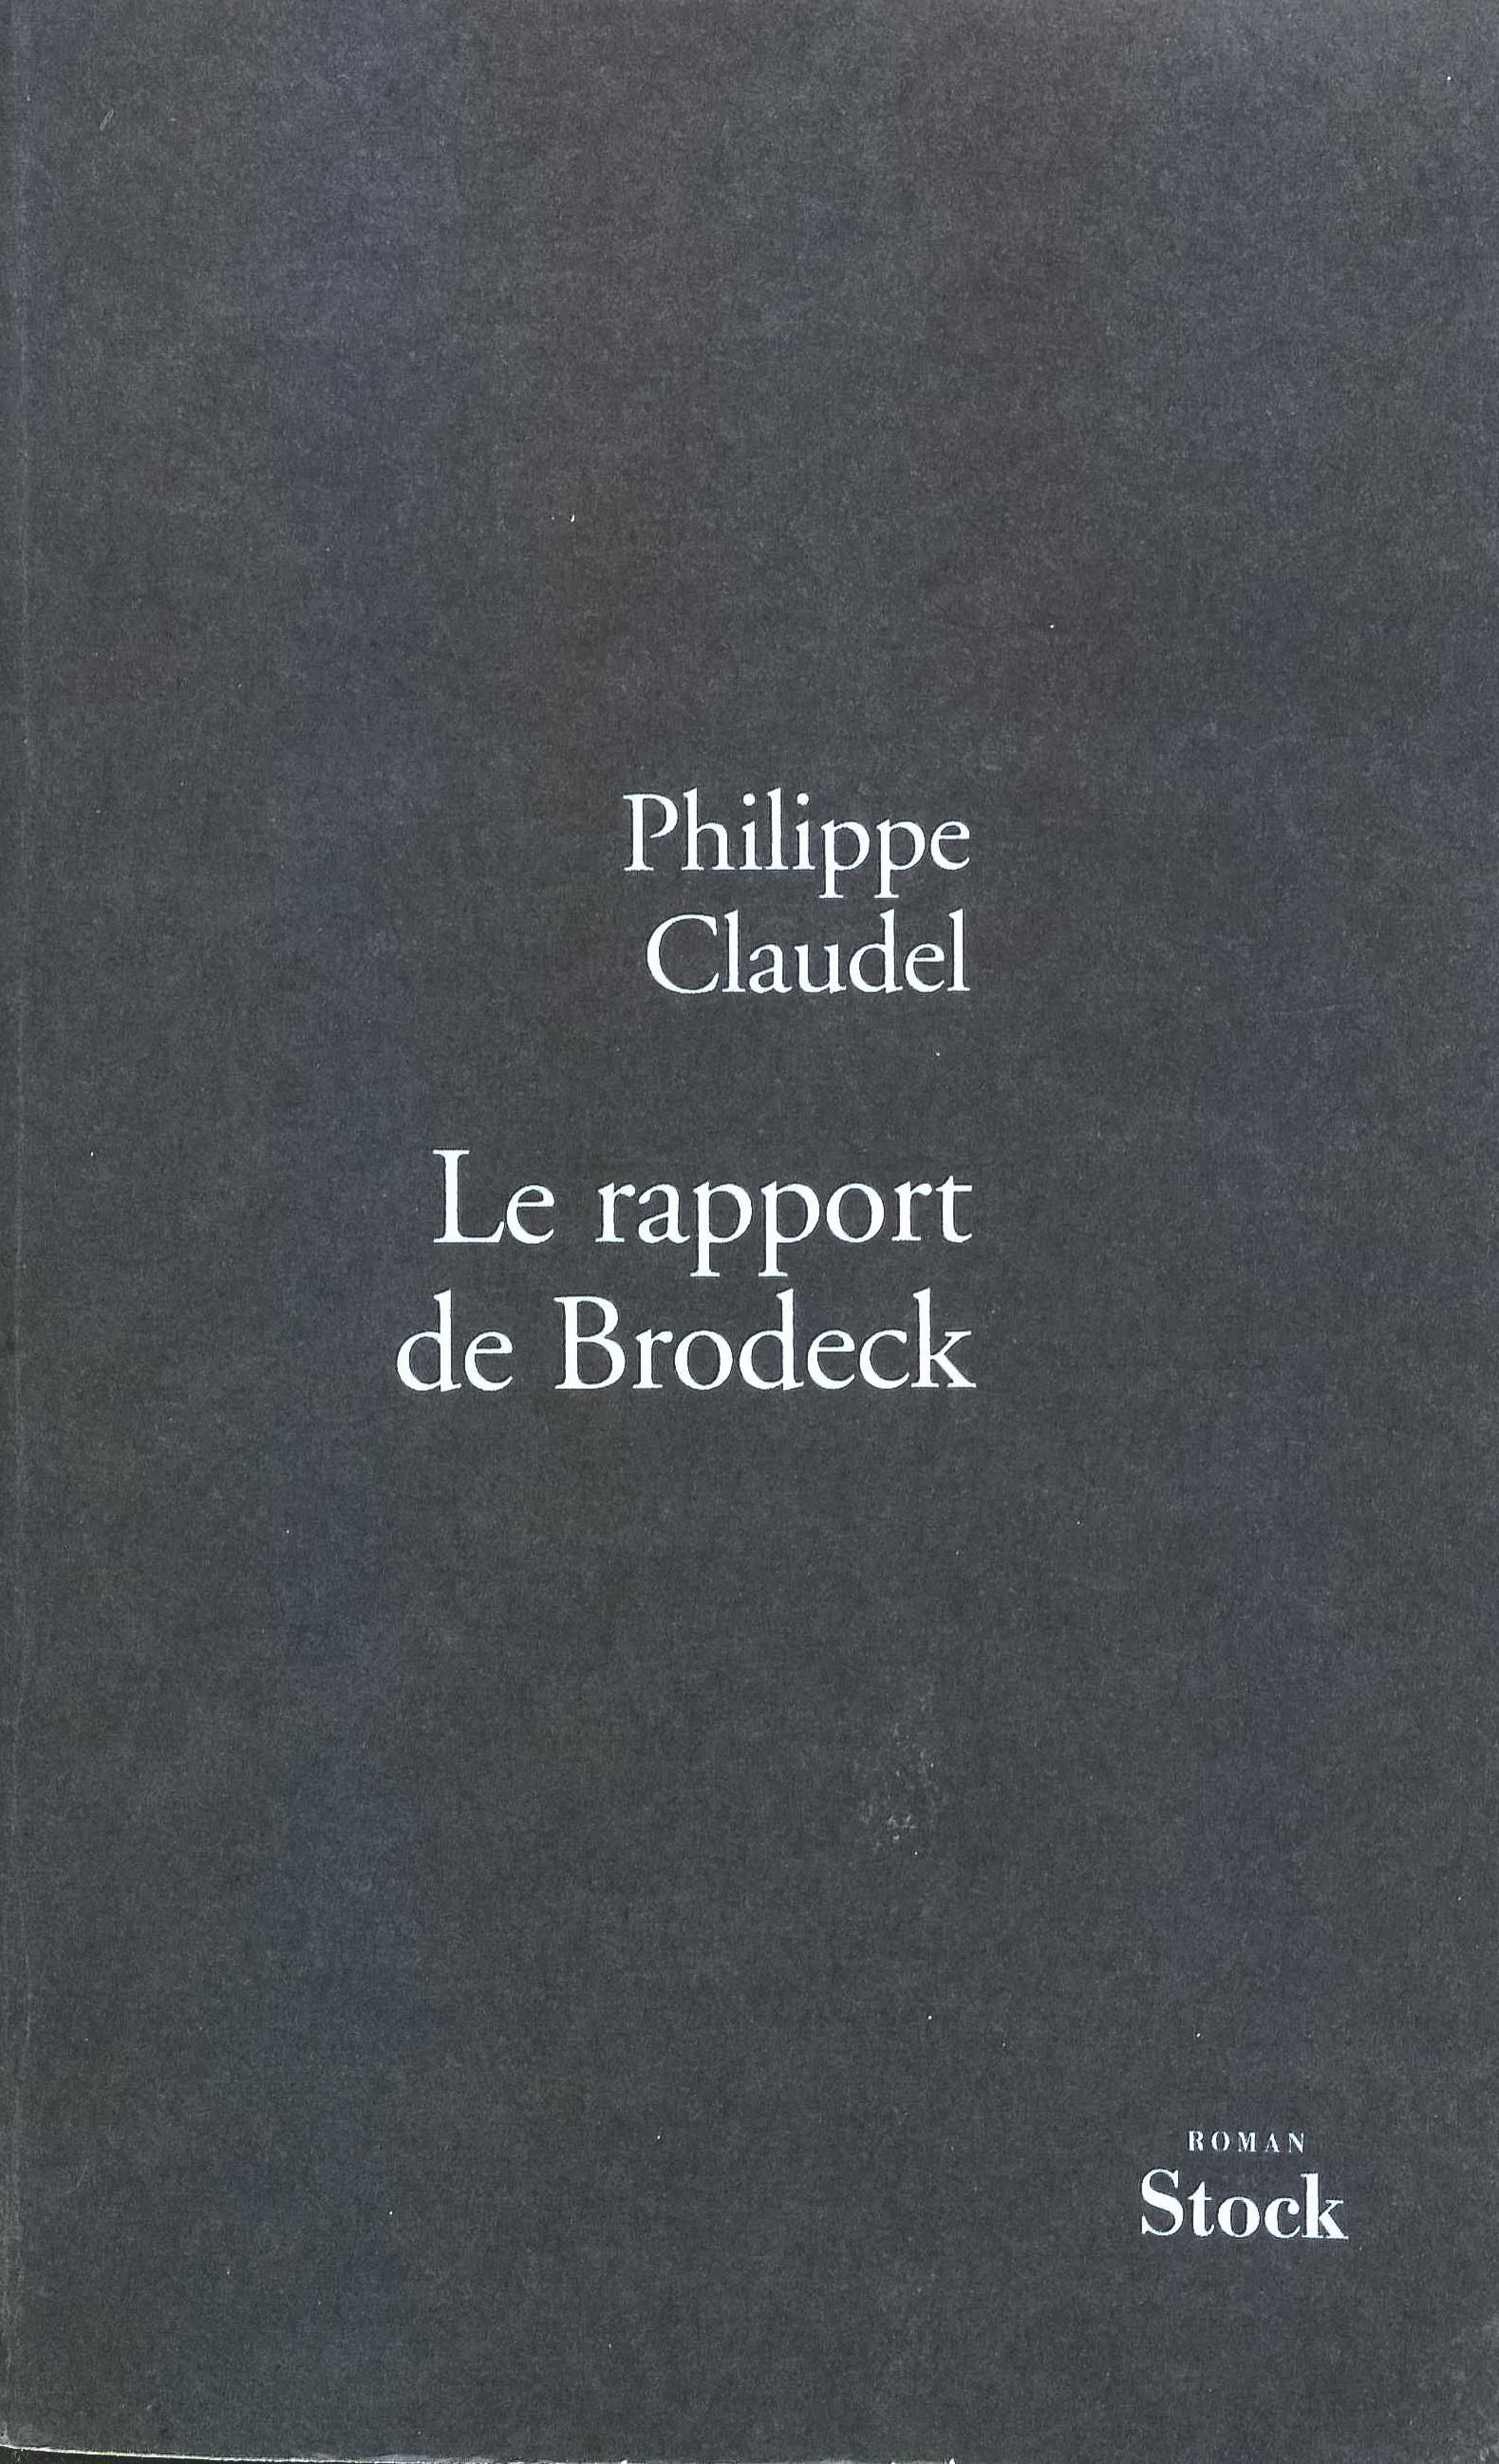 Couverture de Le rapport de Brodeck de Philippe Claudel